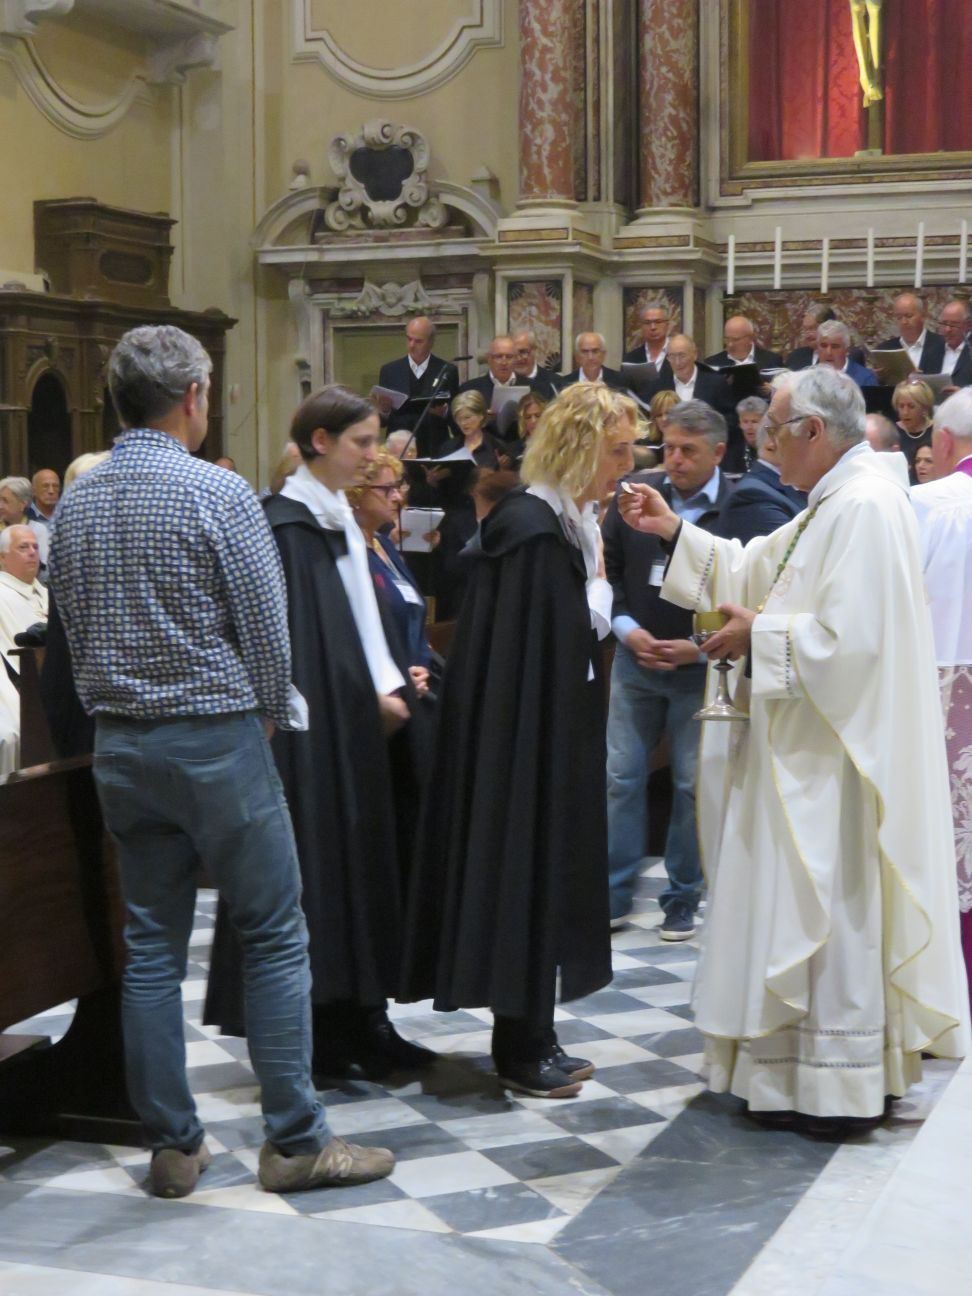 I Templari Cattolici d'Italia in occasione della festività di San Francesco d'Assisi partecipano alla Celebrazione Eucaristica Presieduta da Sua Eminenza il Cardinale Parolin Segretario di Sua Santità a Massa Carrara